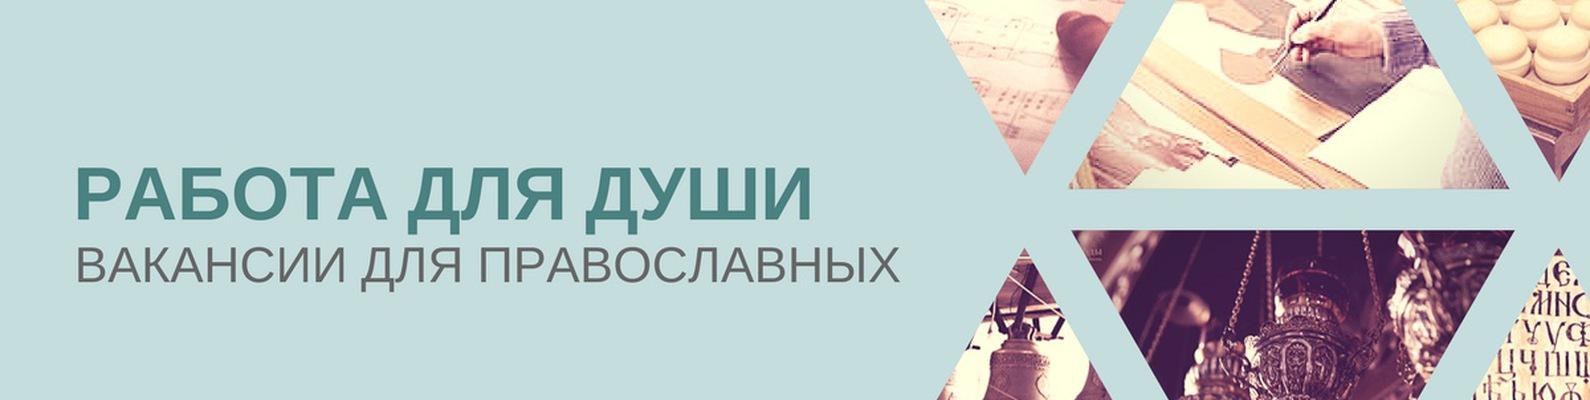 Удаленная работа для православных вакансии freelance job for russians